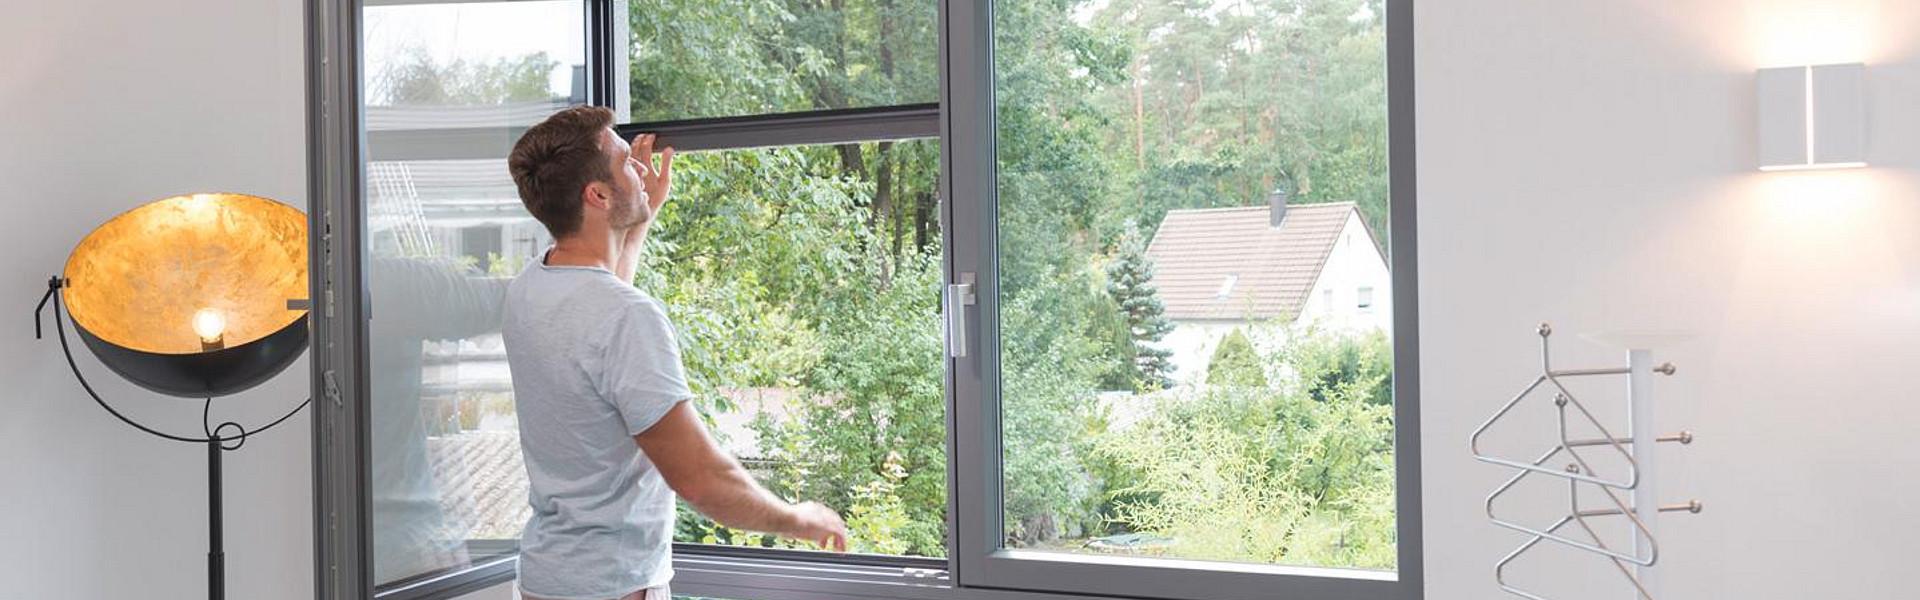 Full Size of Insektenschutzrollo Fr Fenster Lmmermann Online Konfigurator Aluminium Rollos Innen Zwangsbelüftung Nachrüsten Sichtschutzfolie Für Rc 2 Fliegengitter Velux Fenster Insektenschutzrollo Fenster